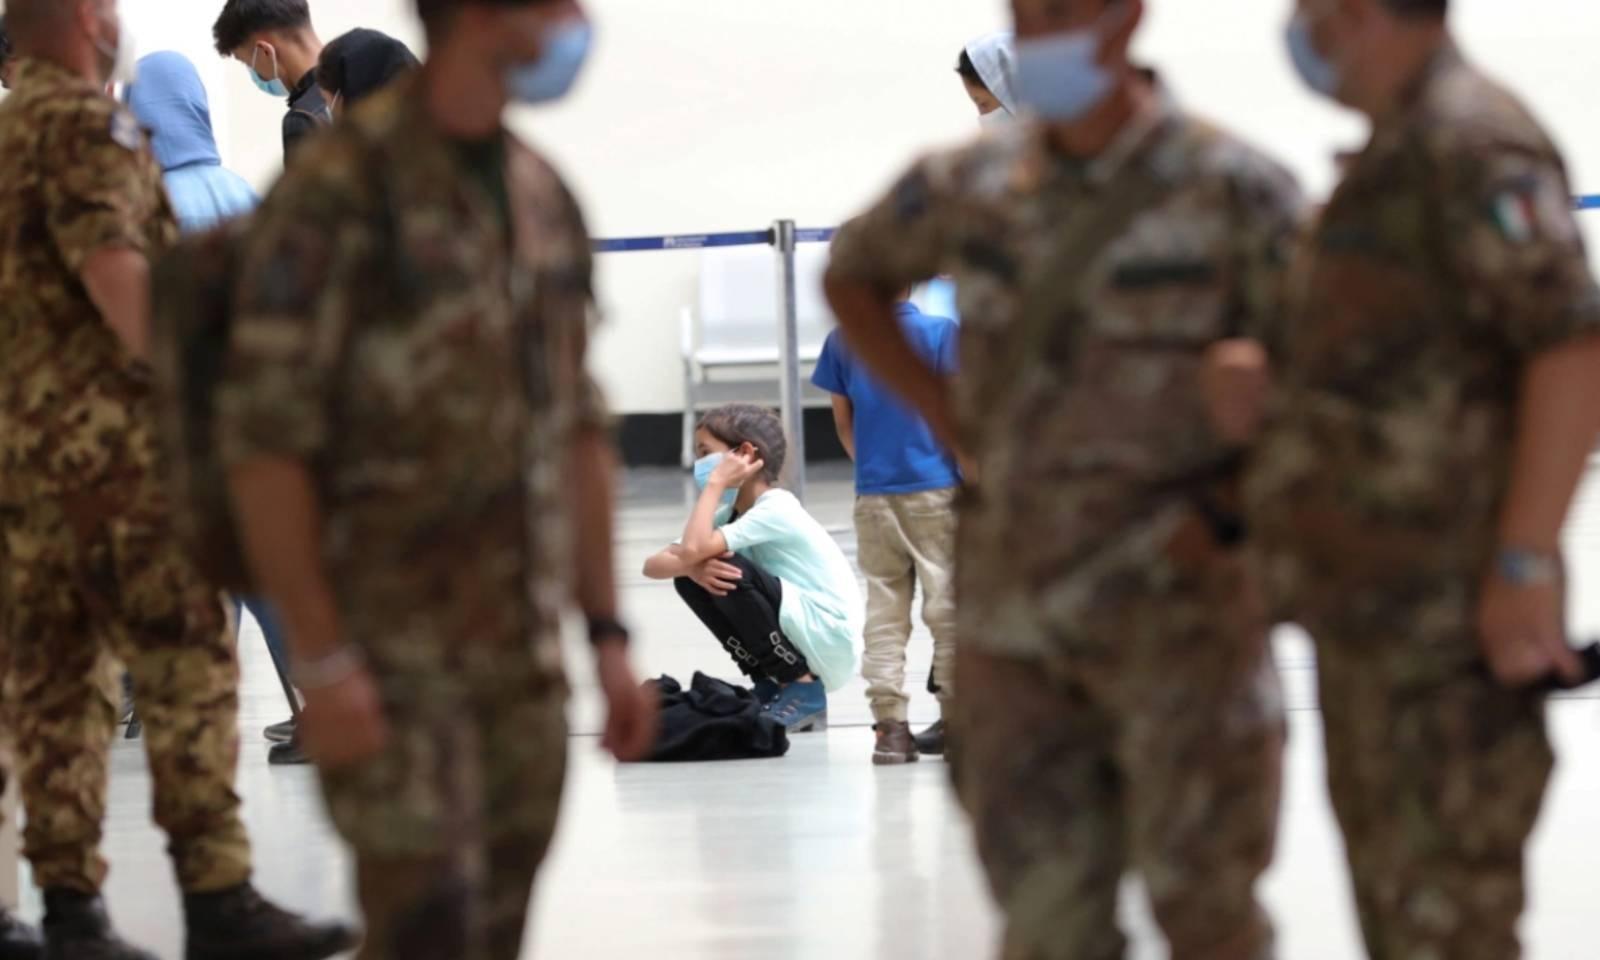 افغان لڑکی اٹلی کے ایئرپورٹ پر قطار میں بیٹھی اپنی باری کا انتظار کررہی ہے —فوٹو:رائٹرز